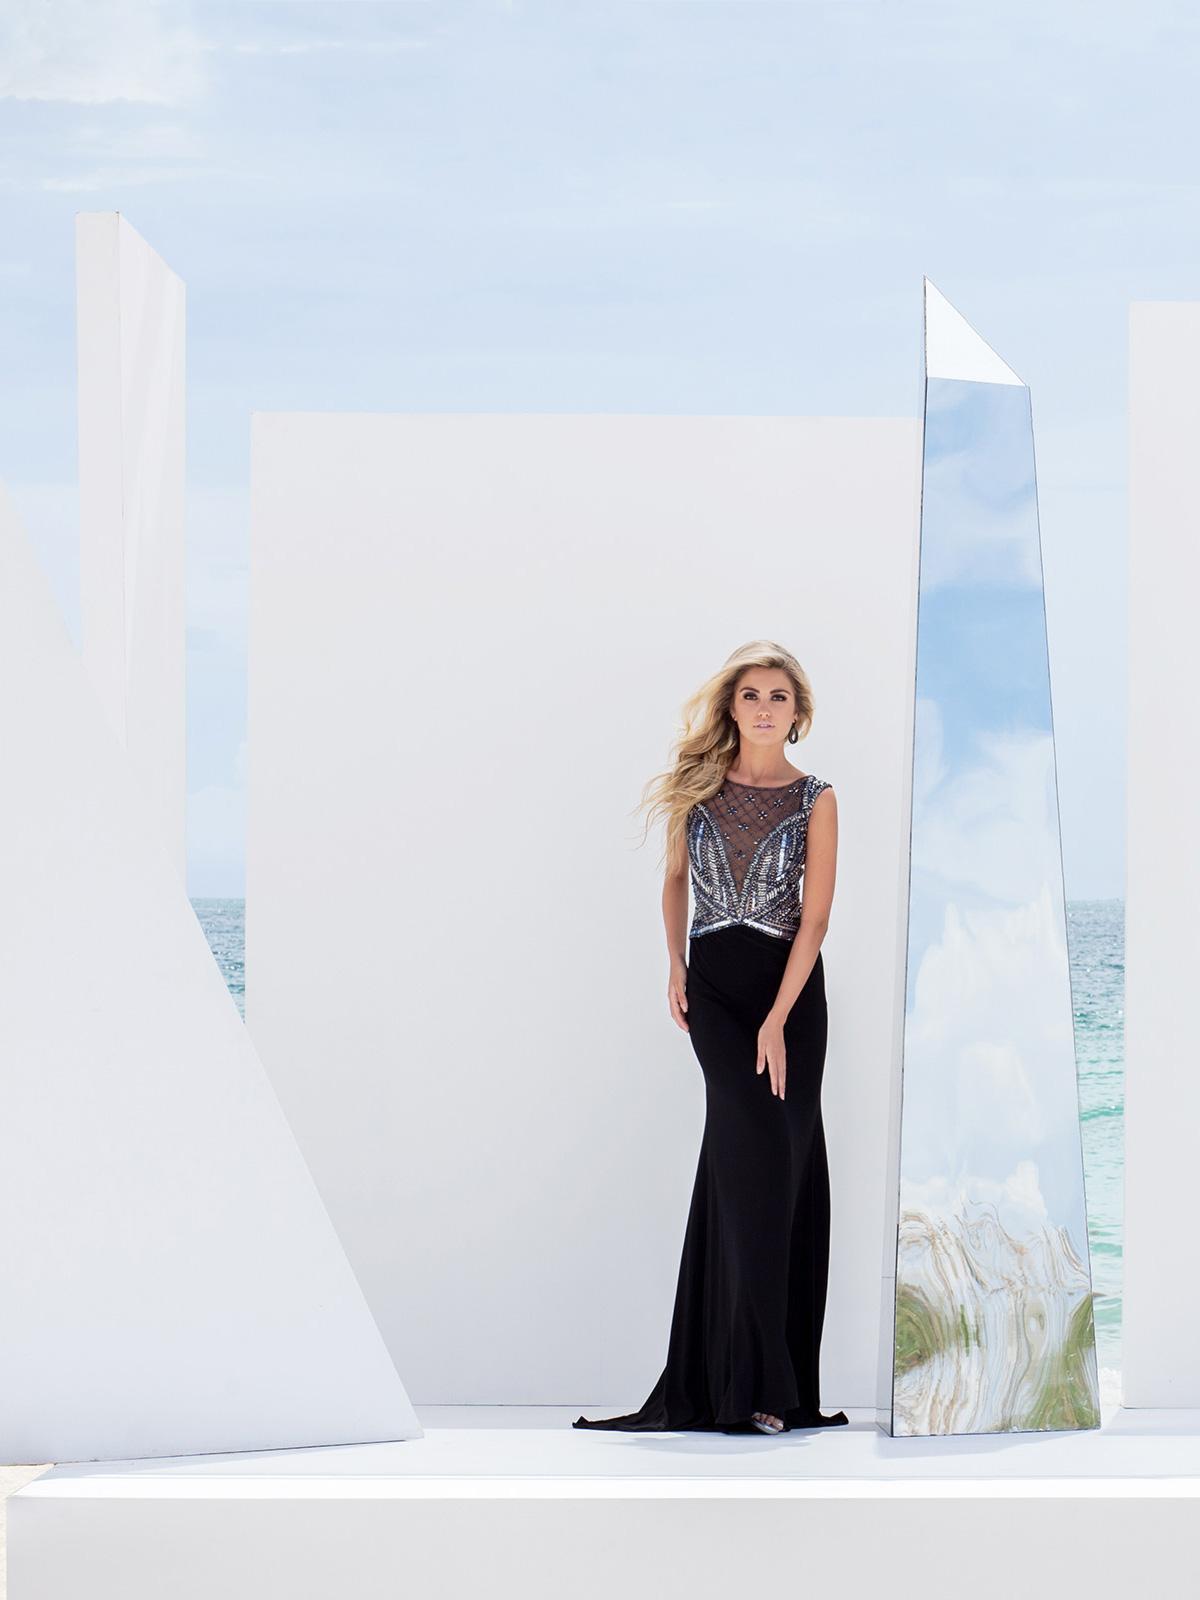 Vestido de Festa com decote canoa, detalhe de transparência no corpo todo bordado em pedrarias em formato geométrico, saia com corte sereia em jersey com lycra.